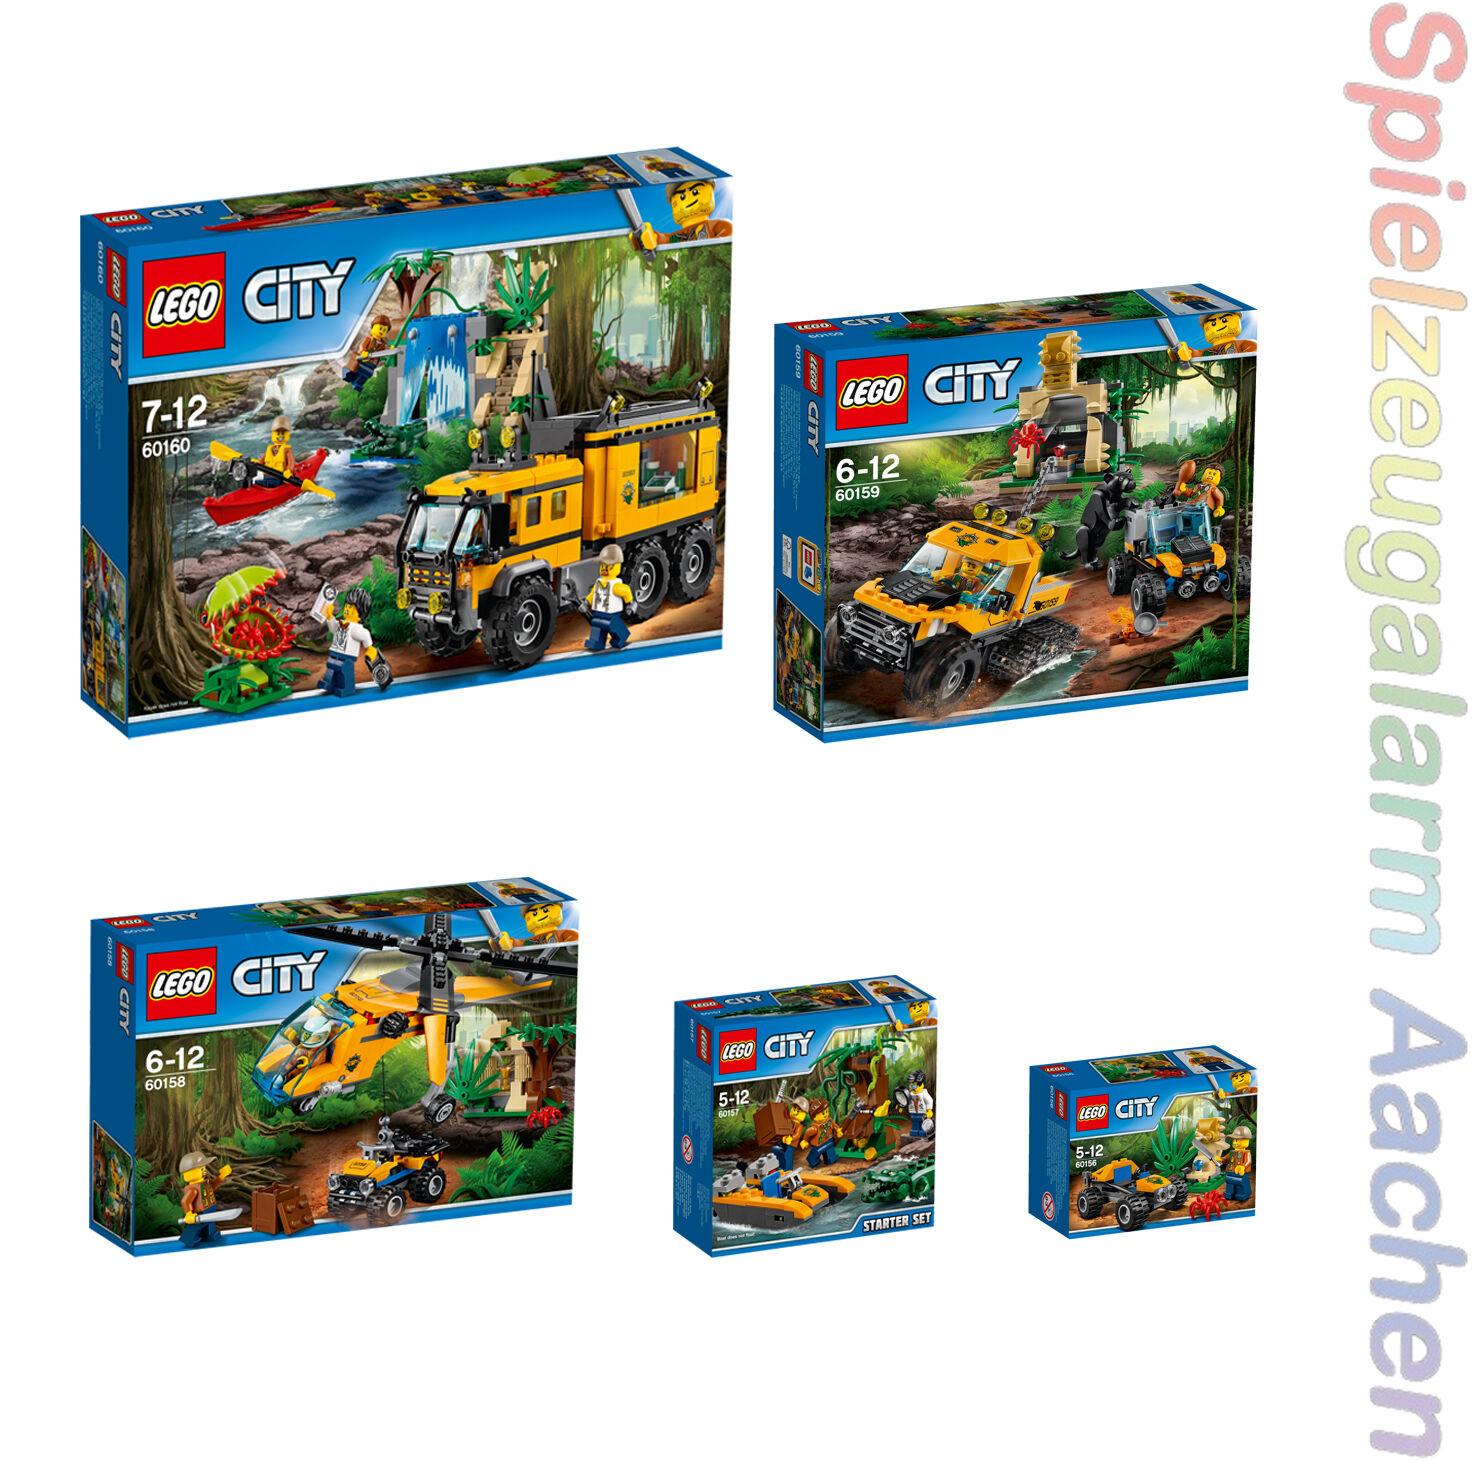 LEGO 5 Box Set City  Jungle 60156+60157+60158+60159+60160 n7 17  envoi gratuit dans le monde entier